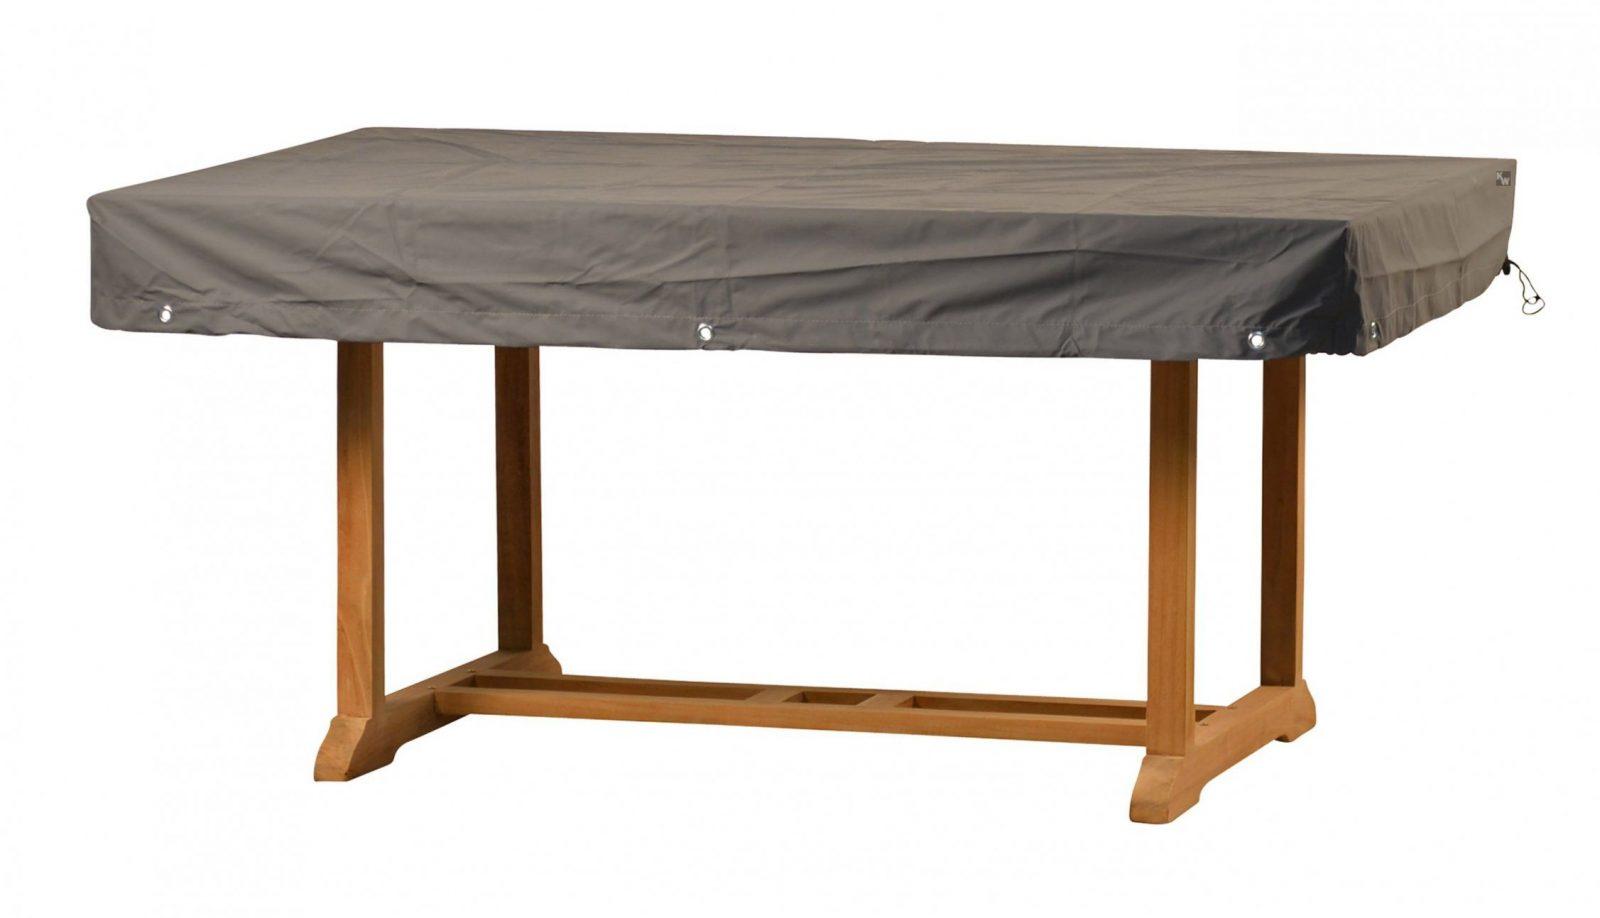 modern schutzh lle gartentisch rechteckig zum schutzh lle. Black Bedroom Furniture Sets. Home Design Ideas